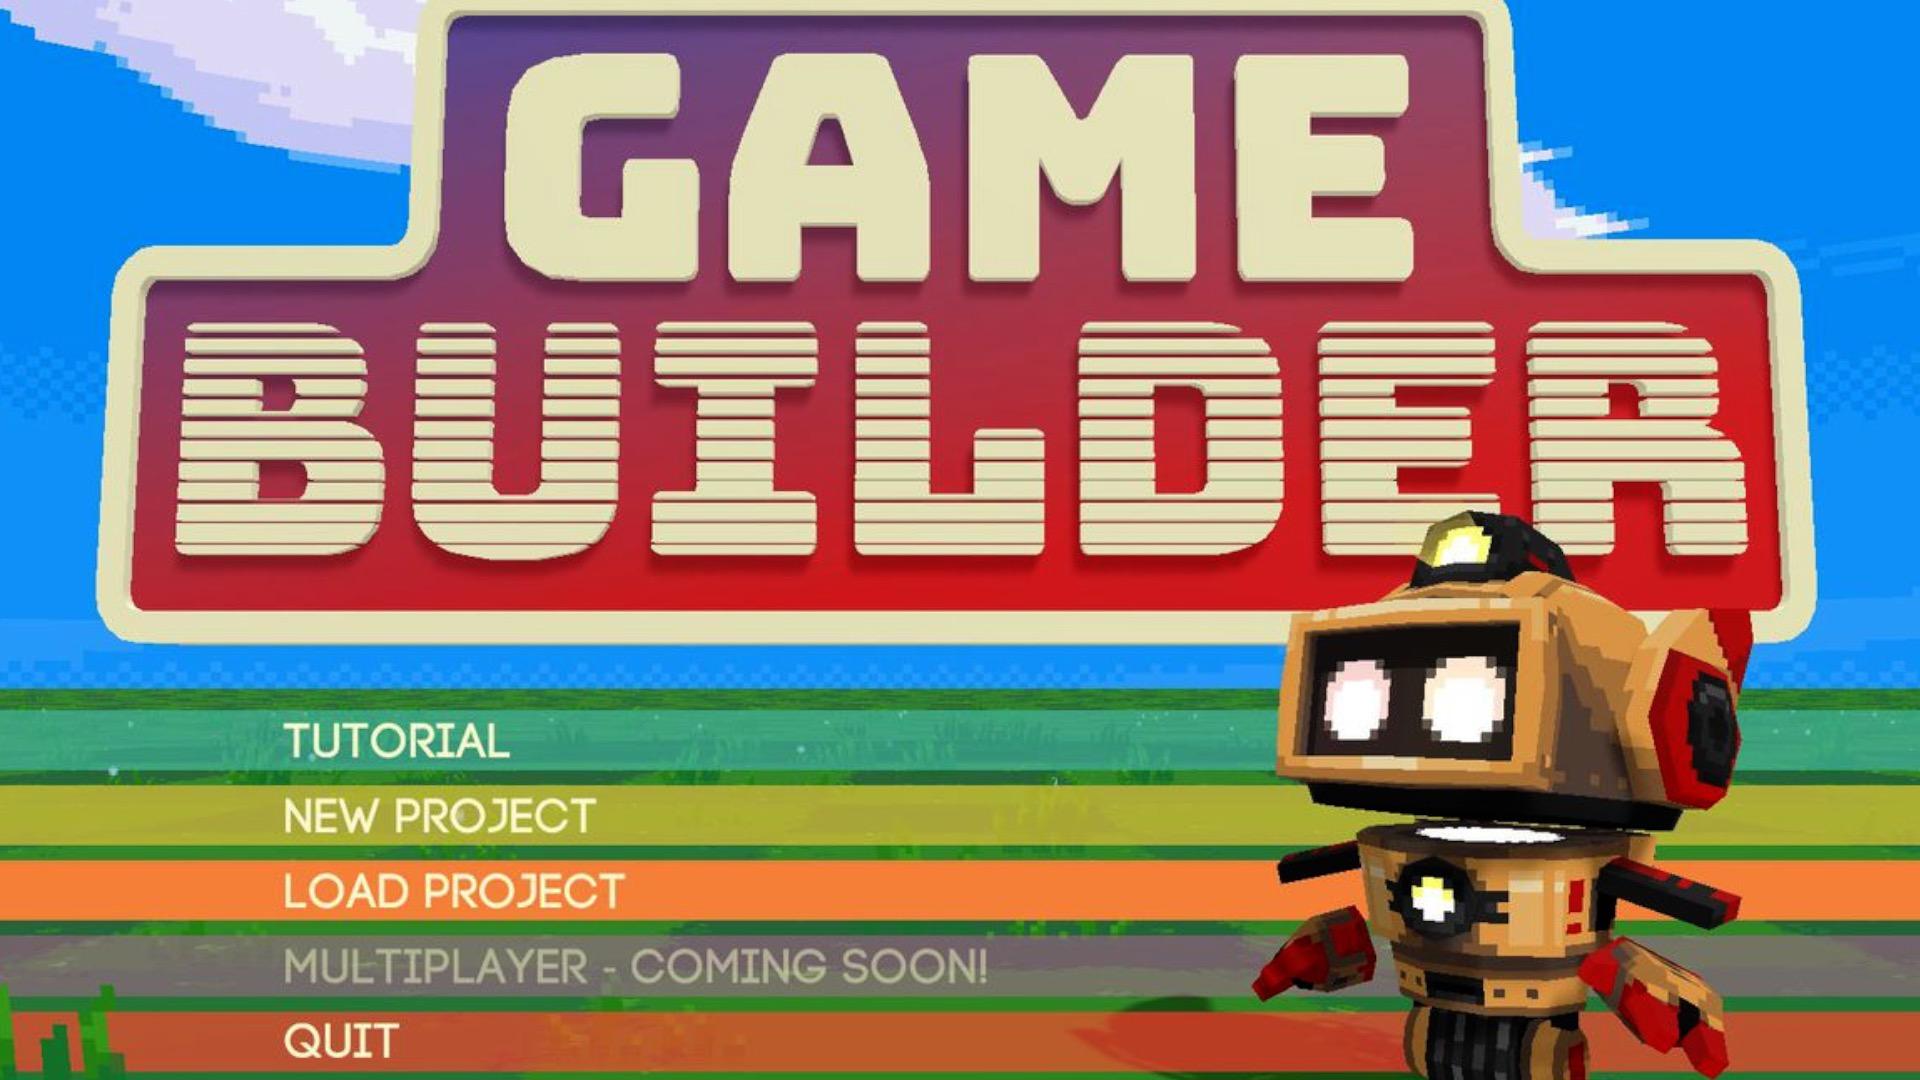 Construtor de jogos do Google